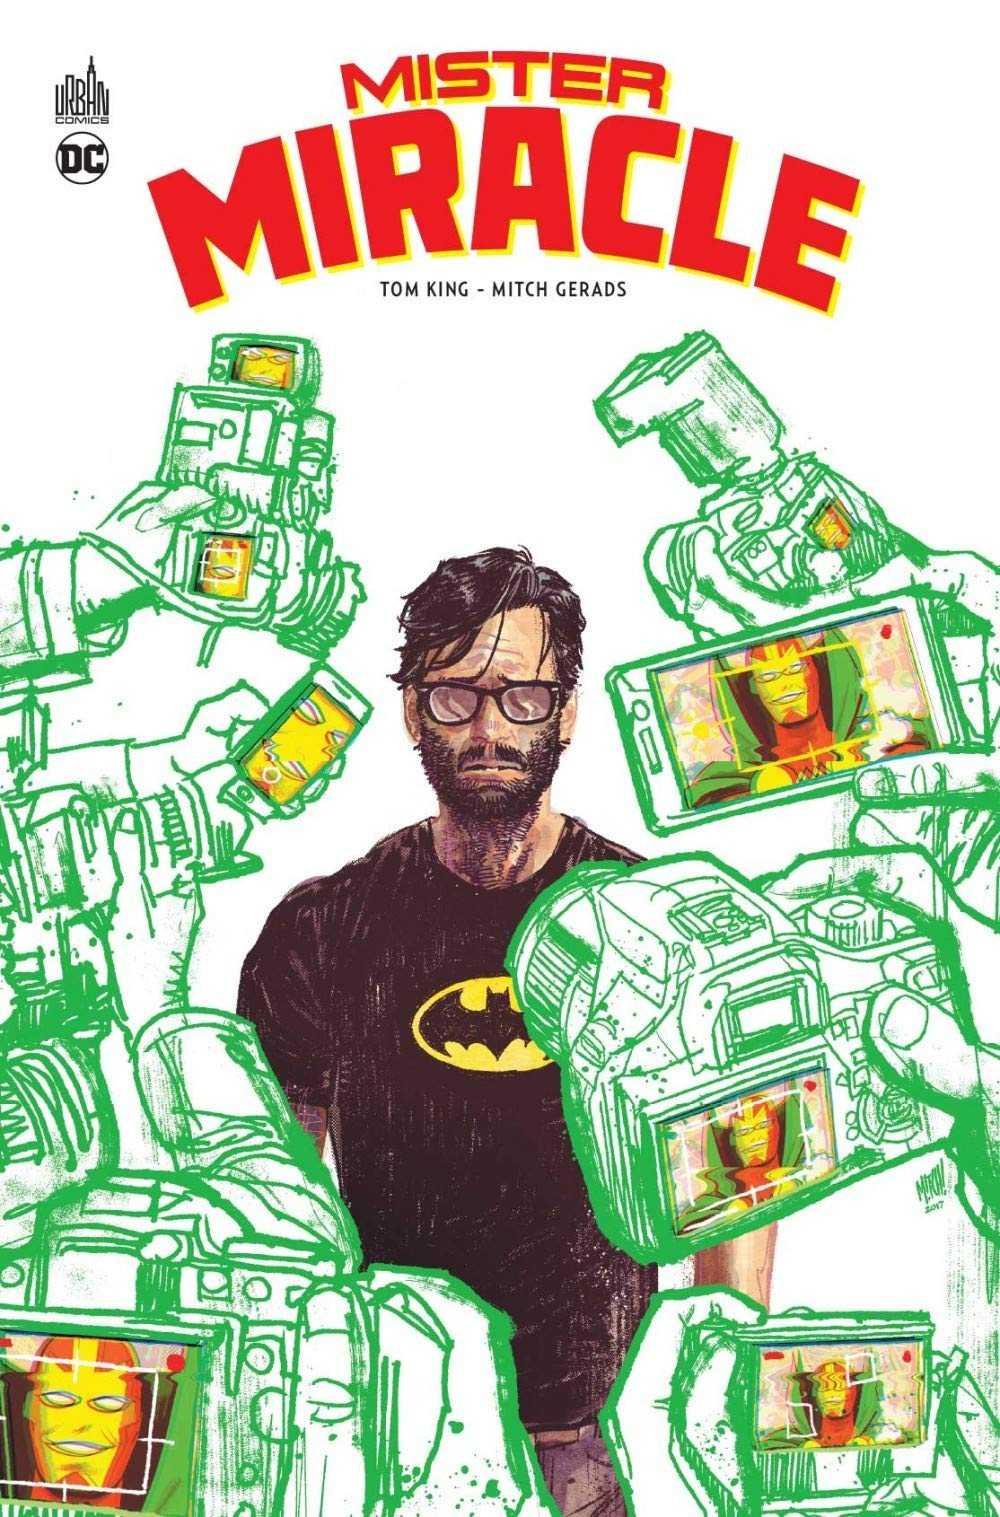 Mister Miracle remporte le premier Prix Comics attribué par l'ACBD